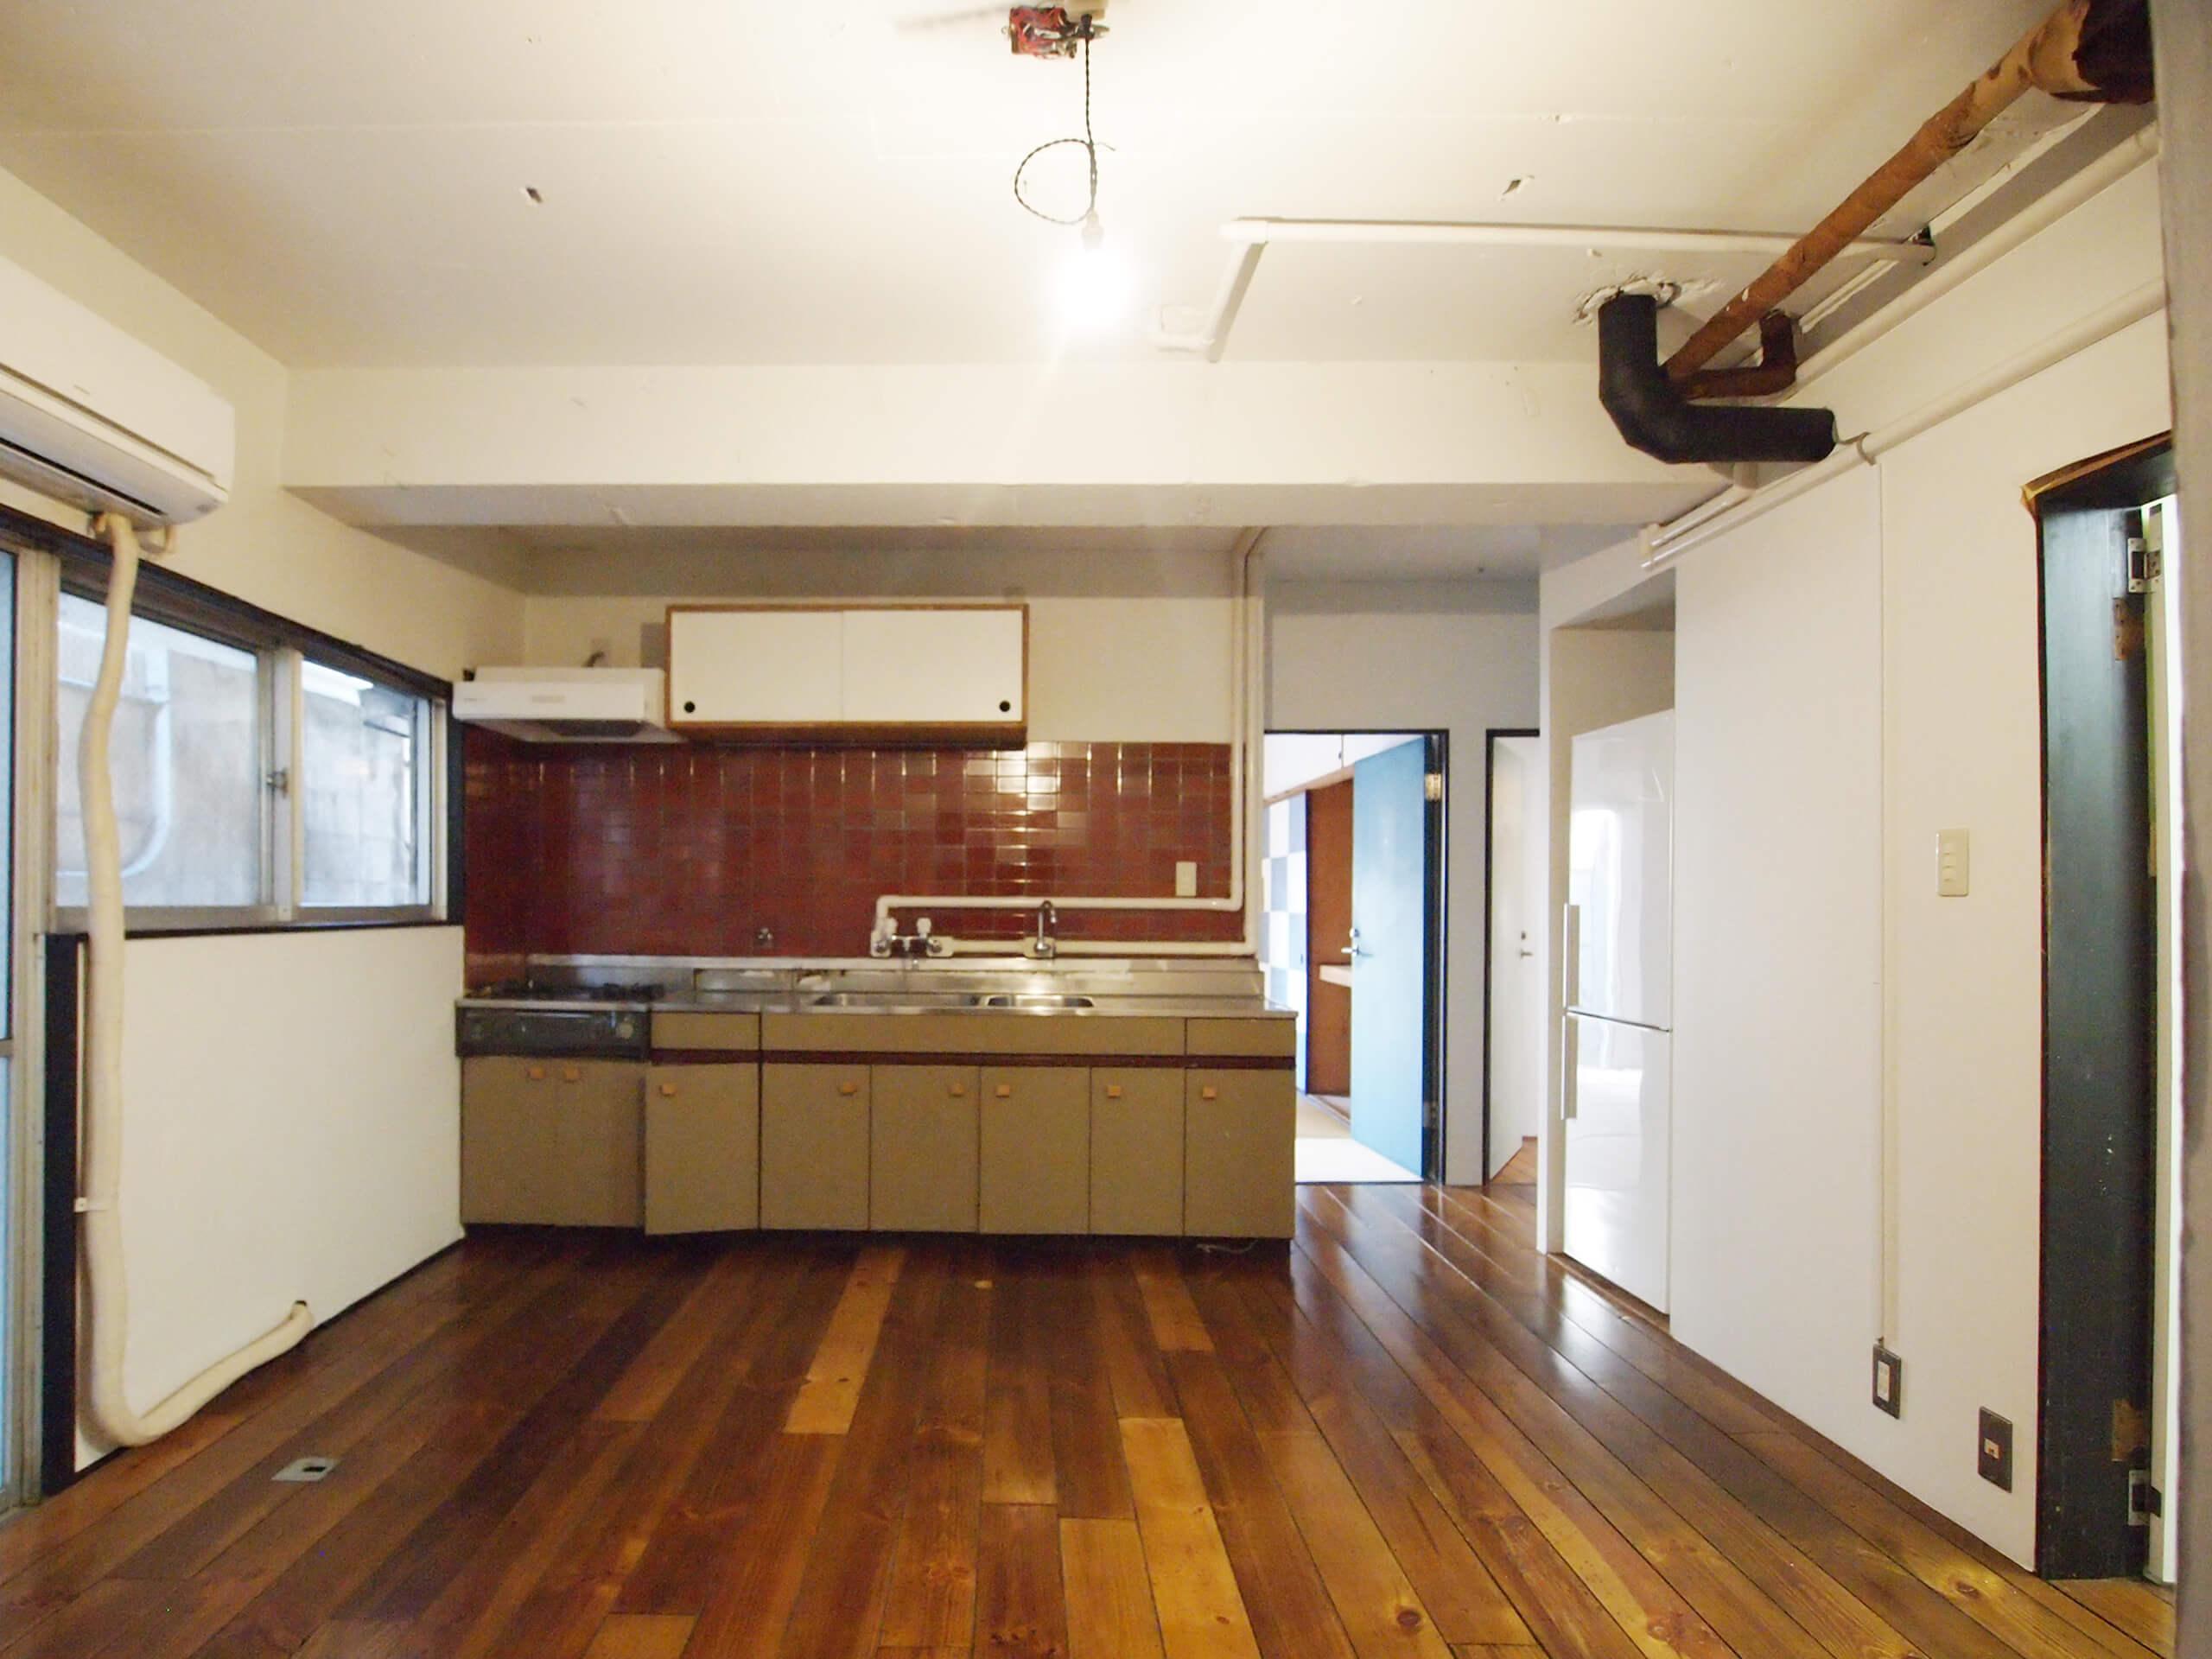 【ダイニング】キッチンもレトロな部屋になじむデザイン